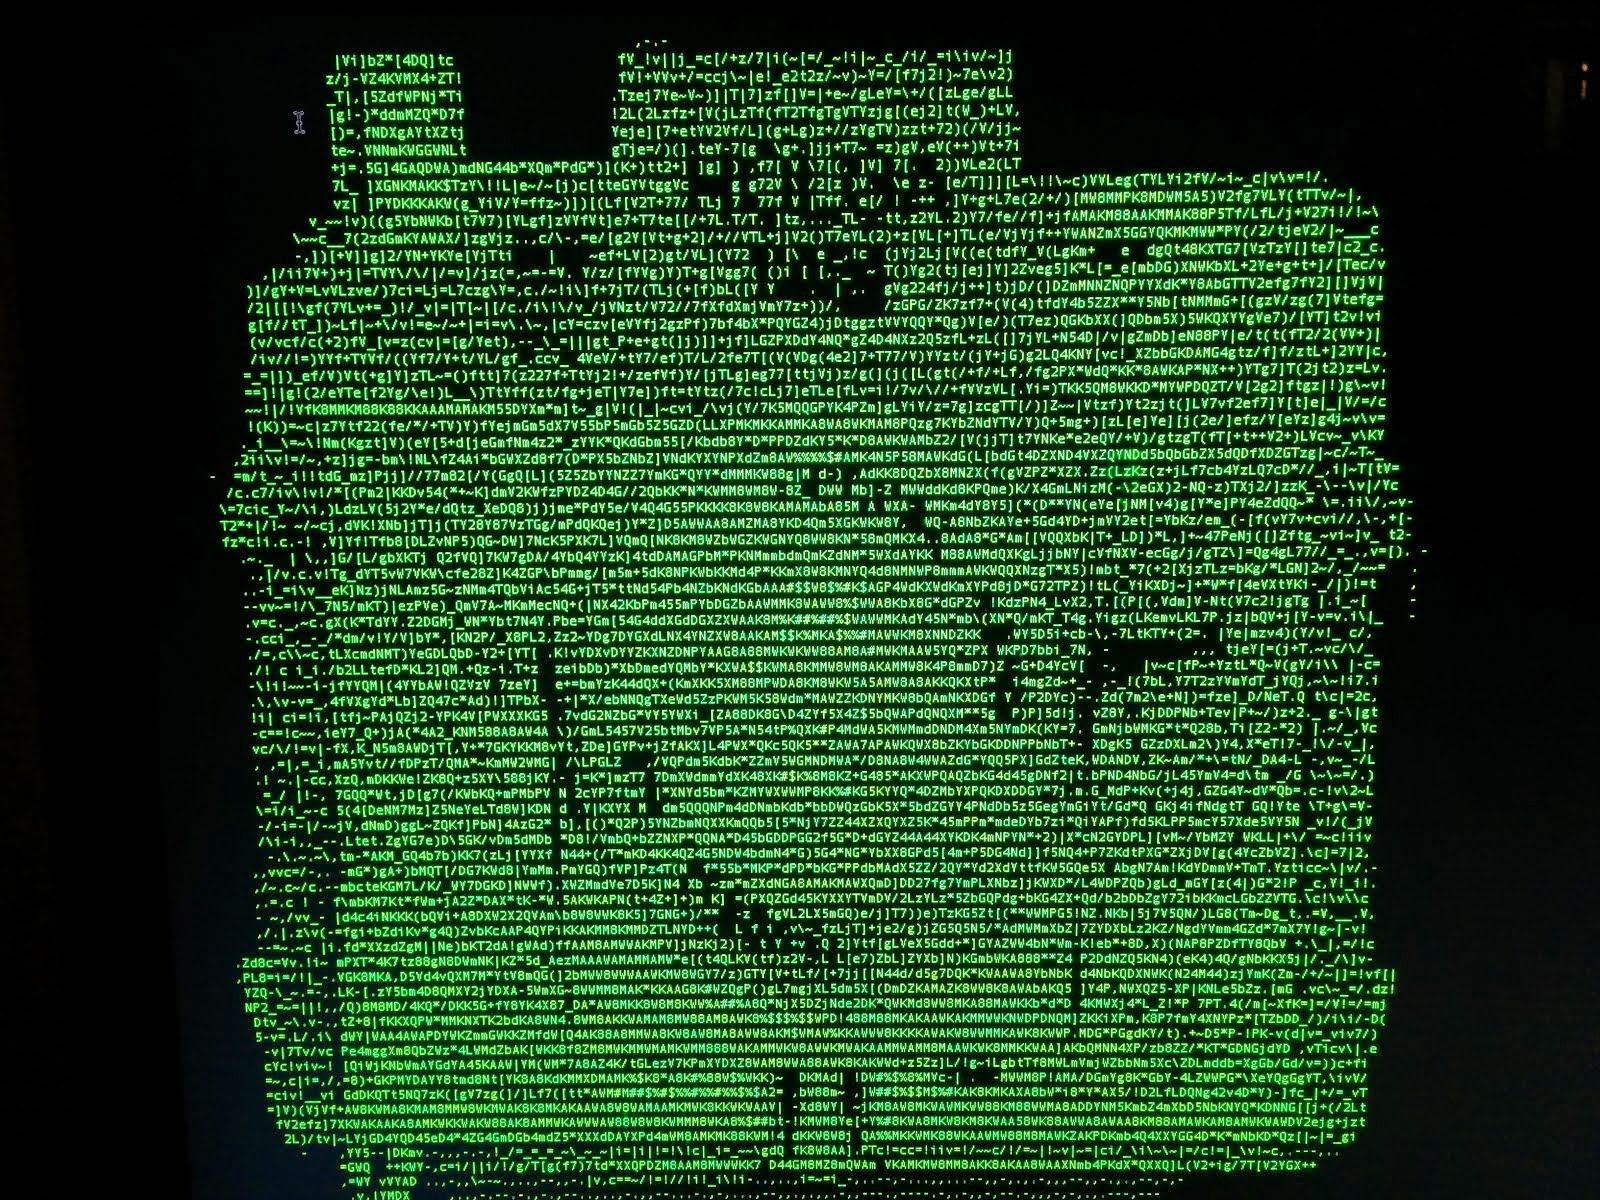 Holga 120d ASCII camera